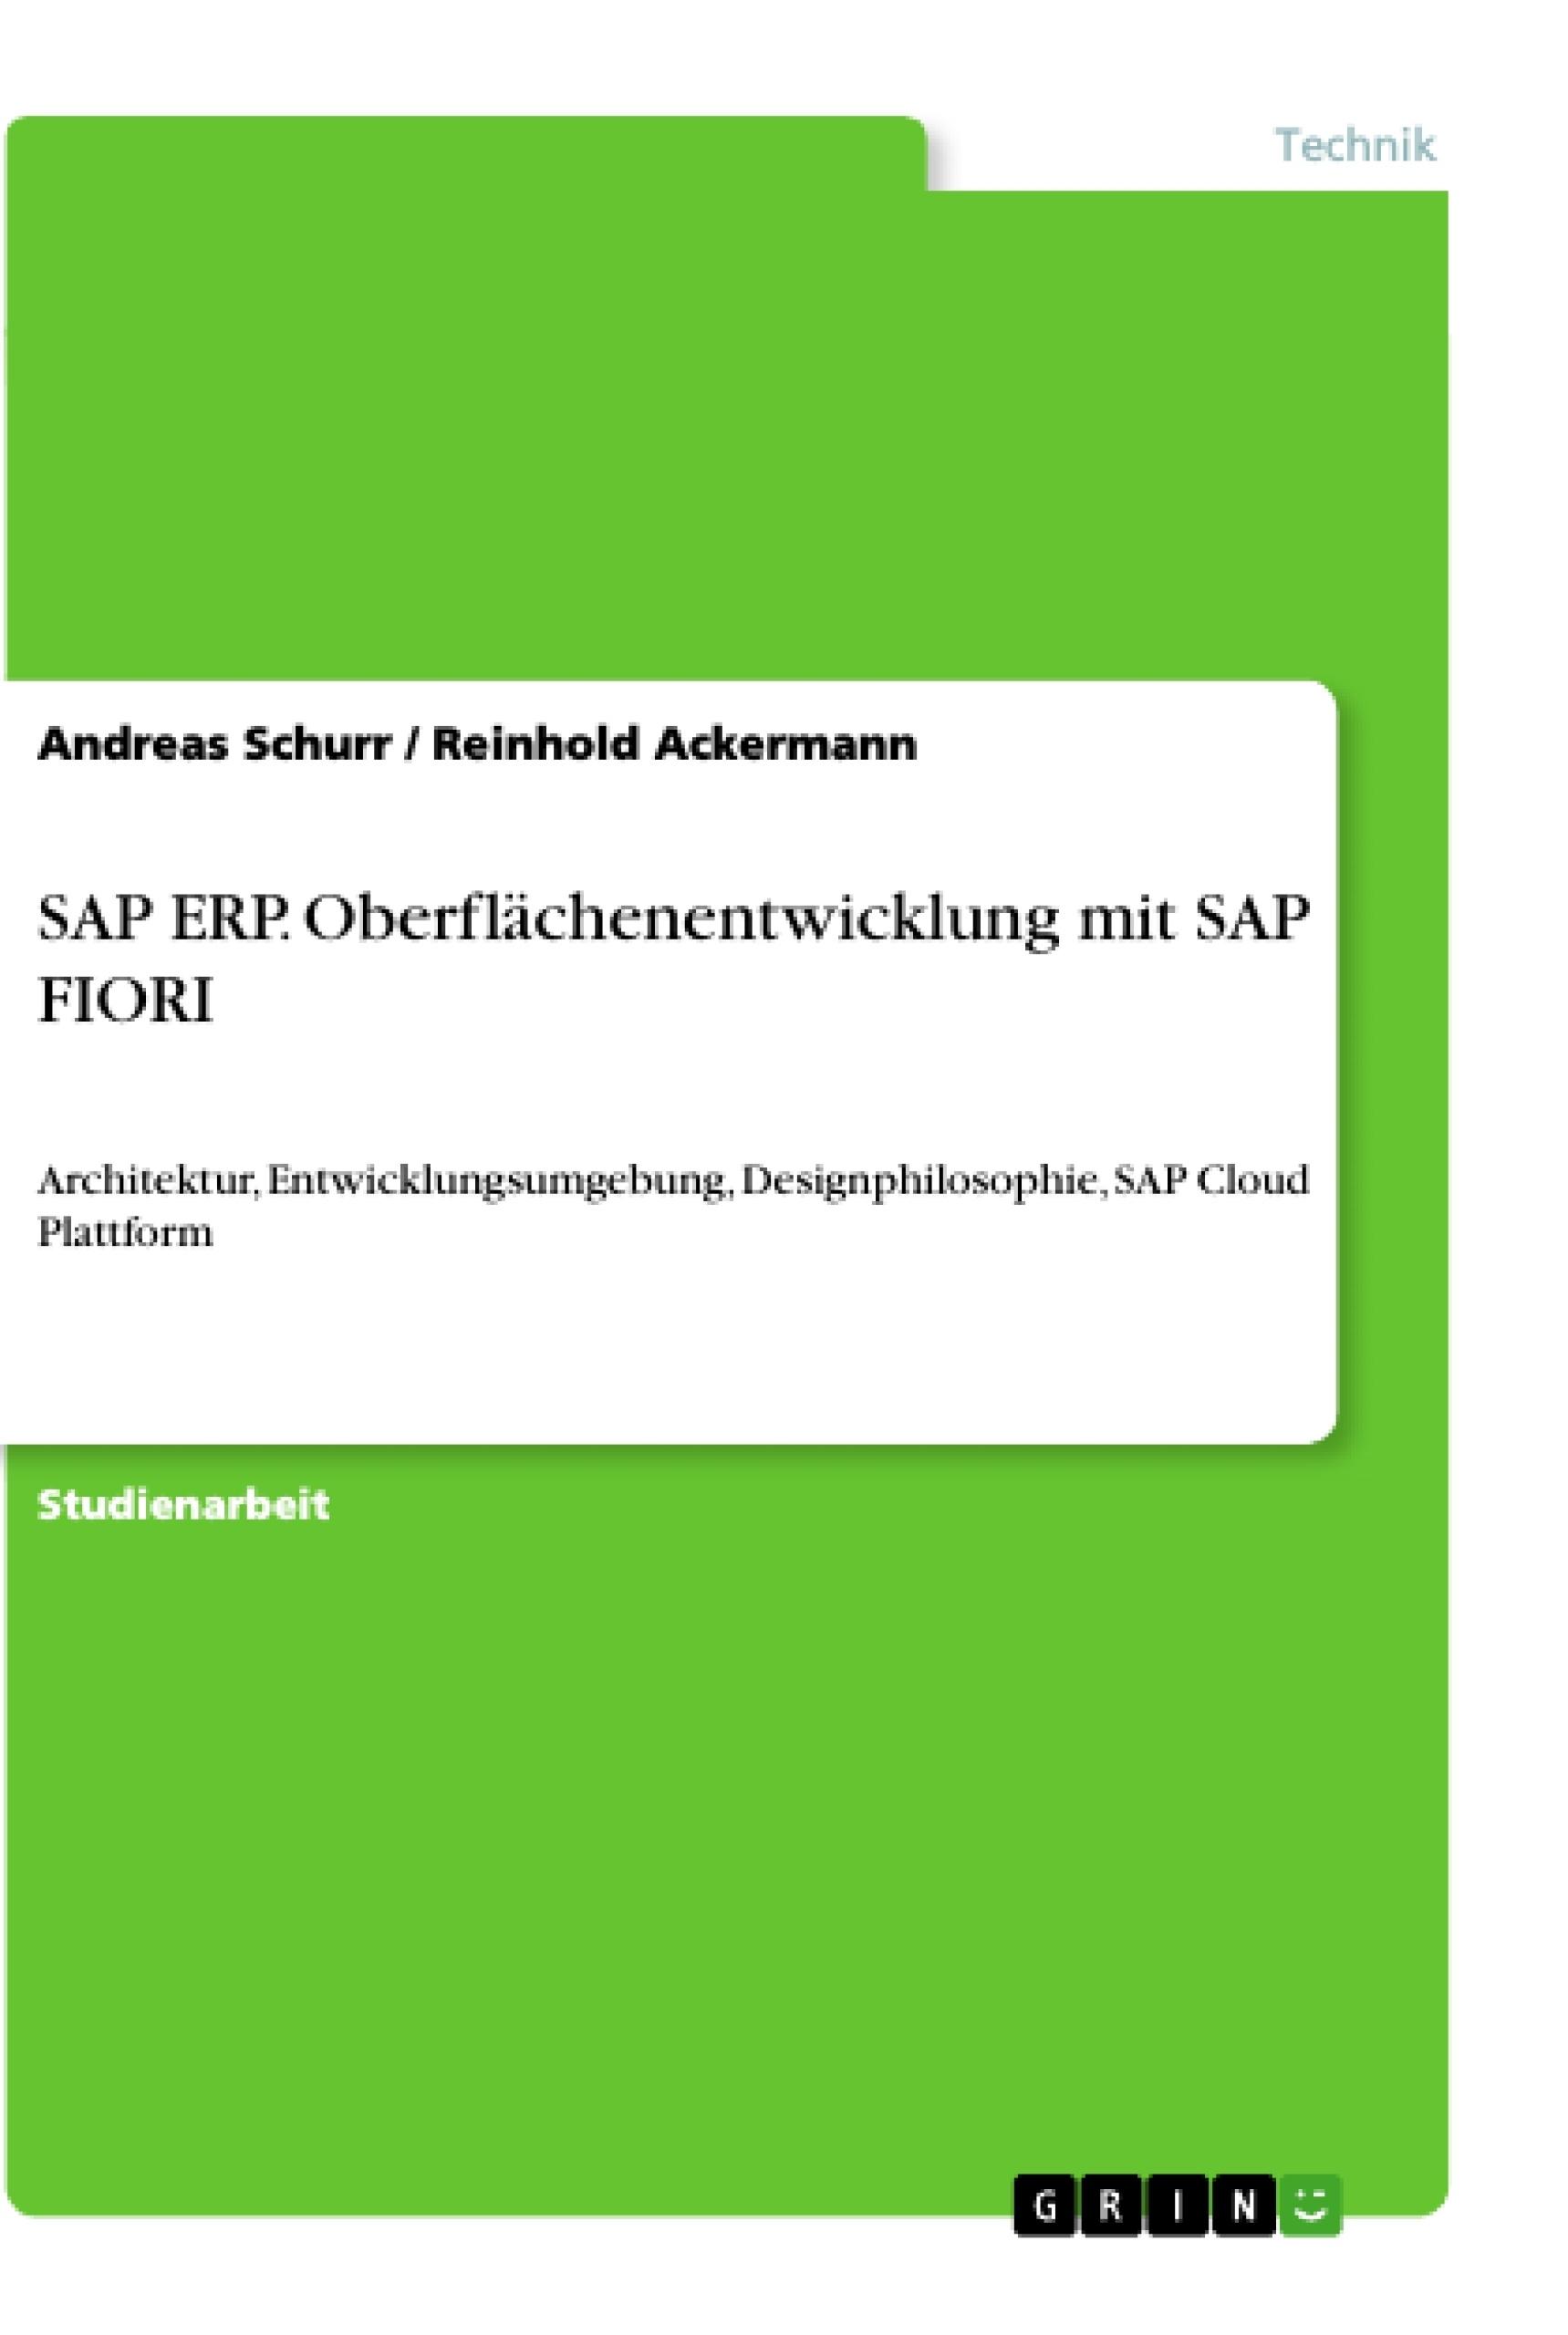 Titel: SAP ERP. Oberflächenentwicklung mit SAP FIORI